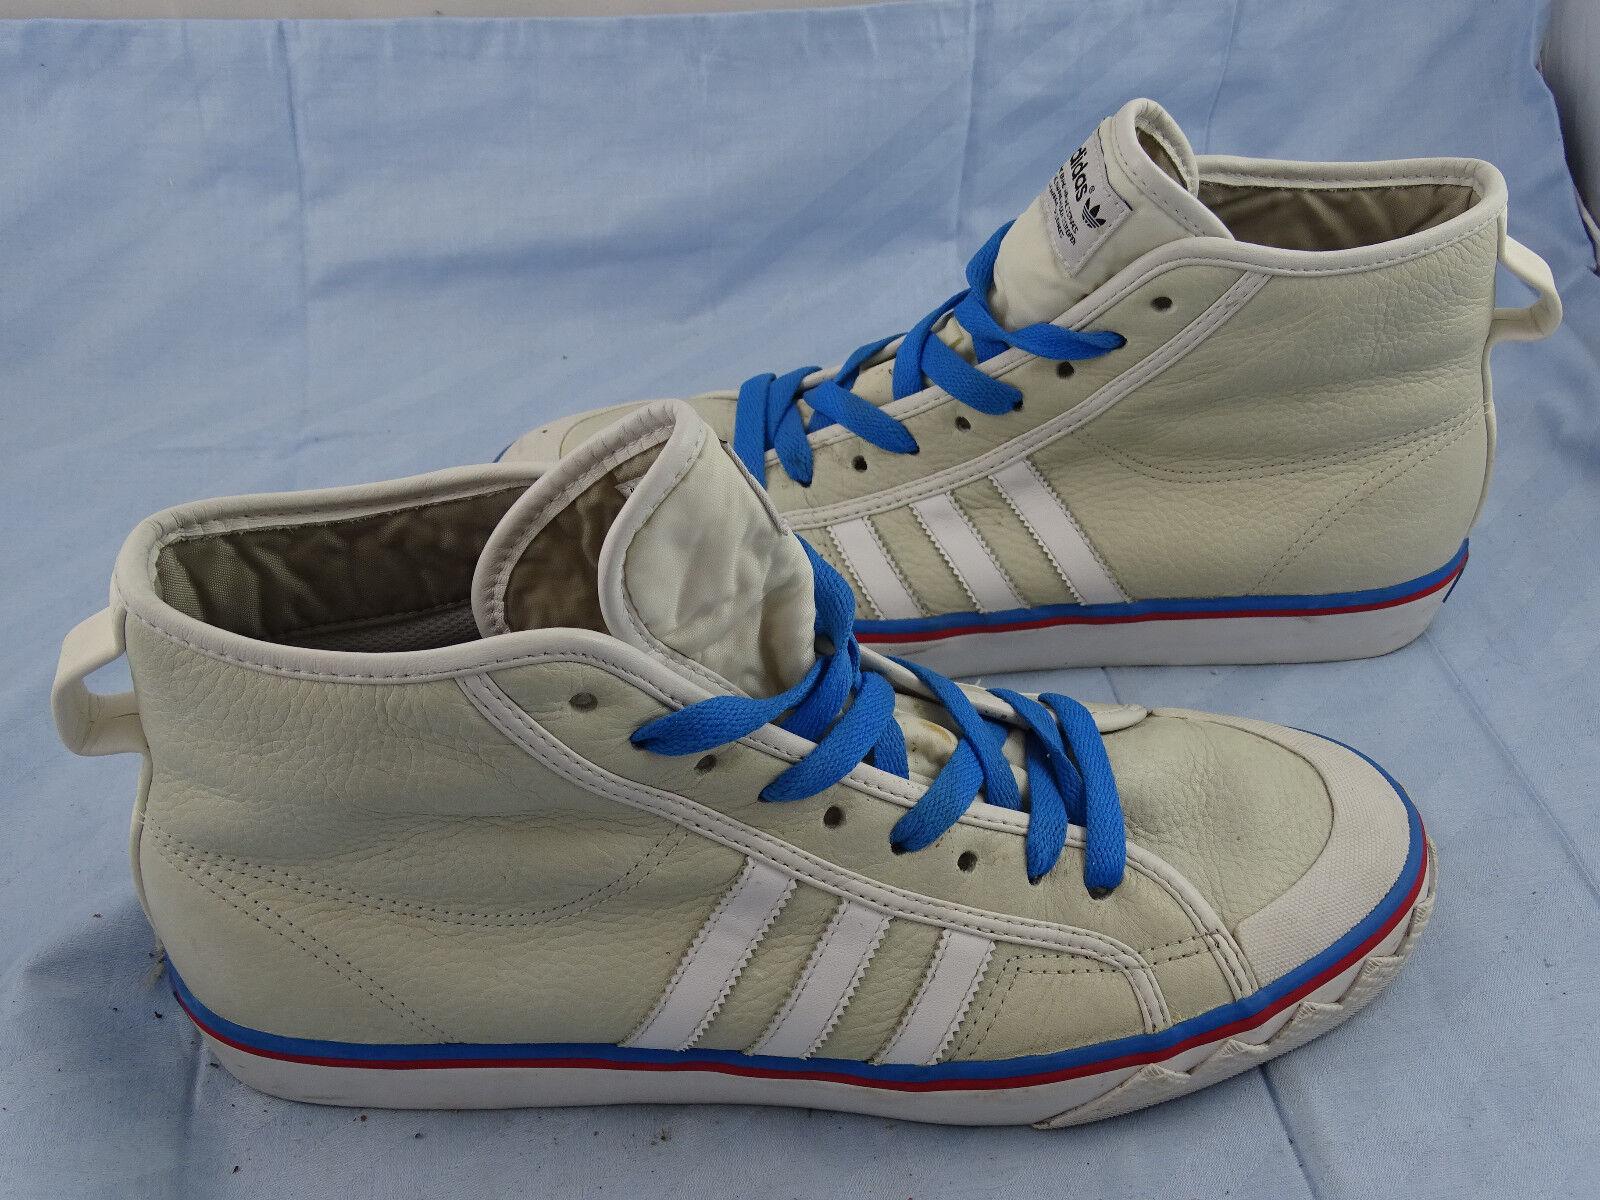 Adidas Niza High ot Tech raras, adidas cortos calzado deportivo zapatillas de deporte talla 47 48